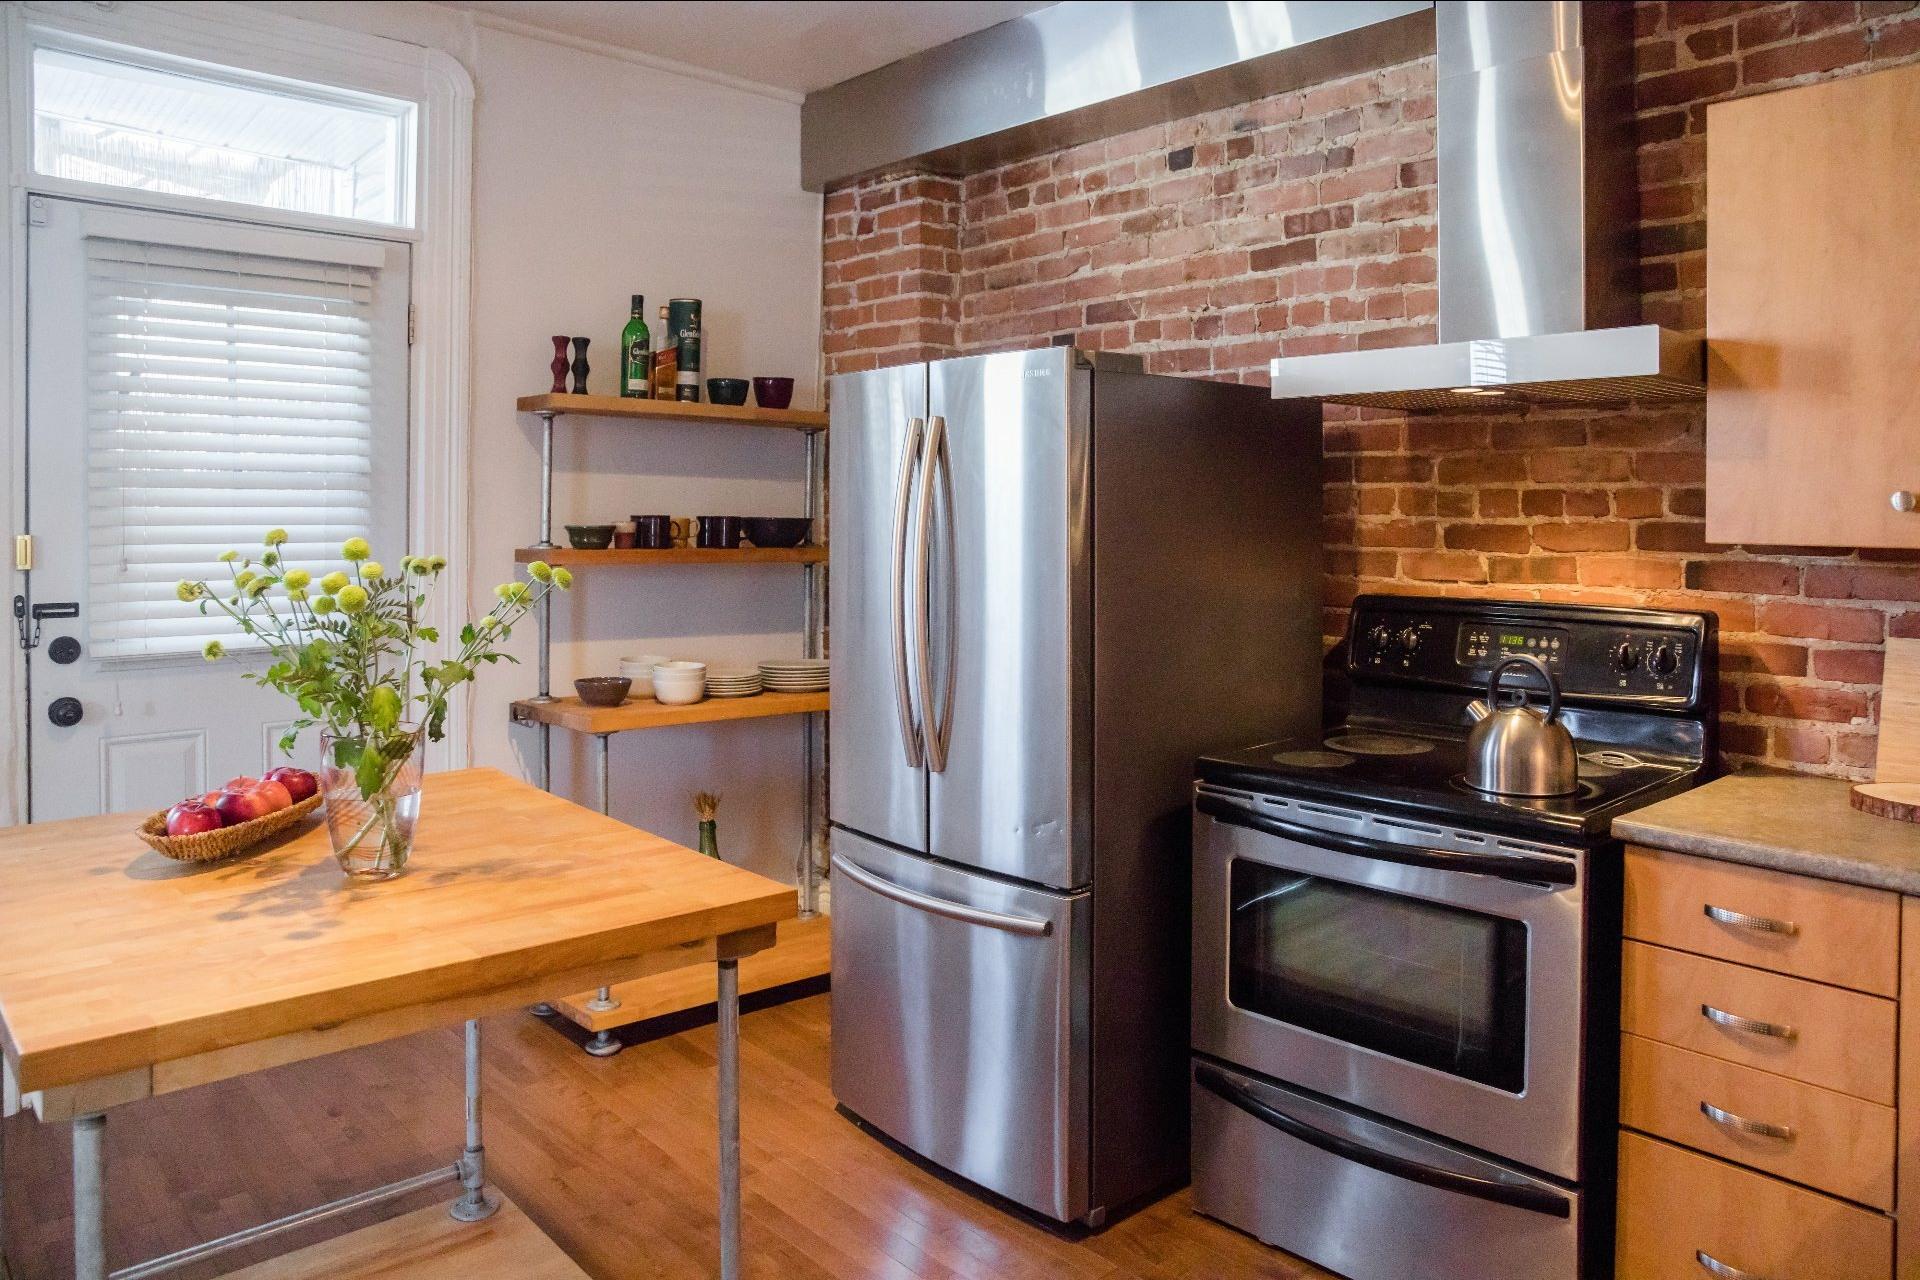 image 2 - Appartement À louer Montréal Le Sud-Ouest  - 5 pièces